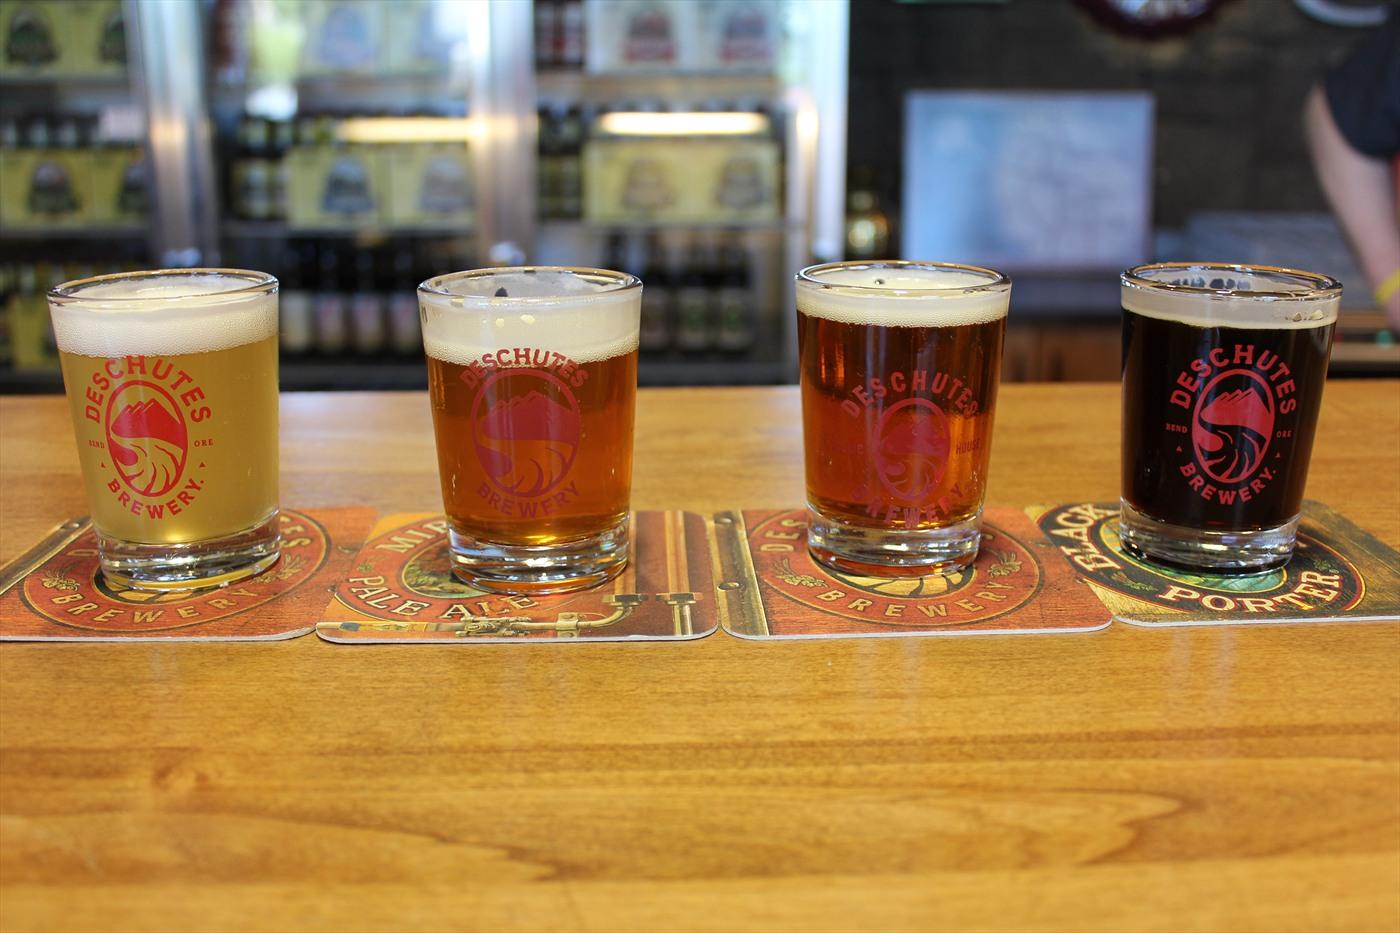 deschutes-brewery-tasters-full.jpeg